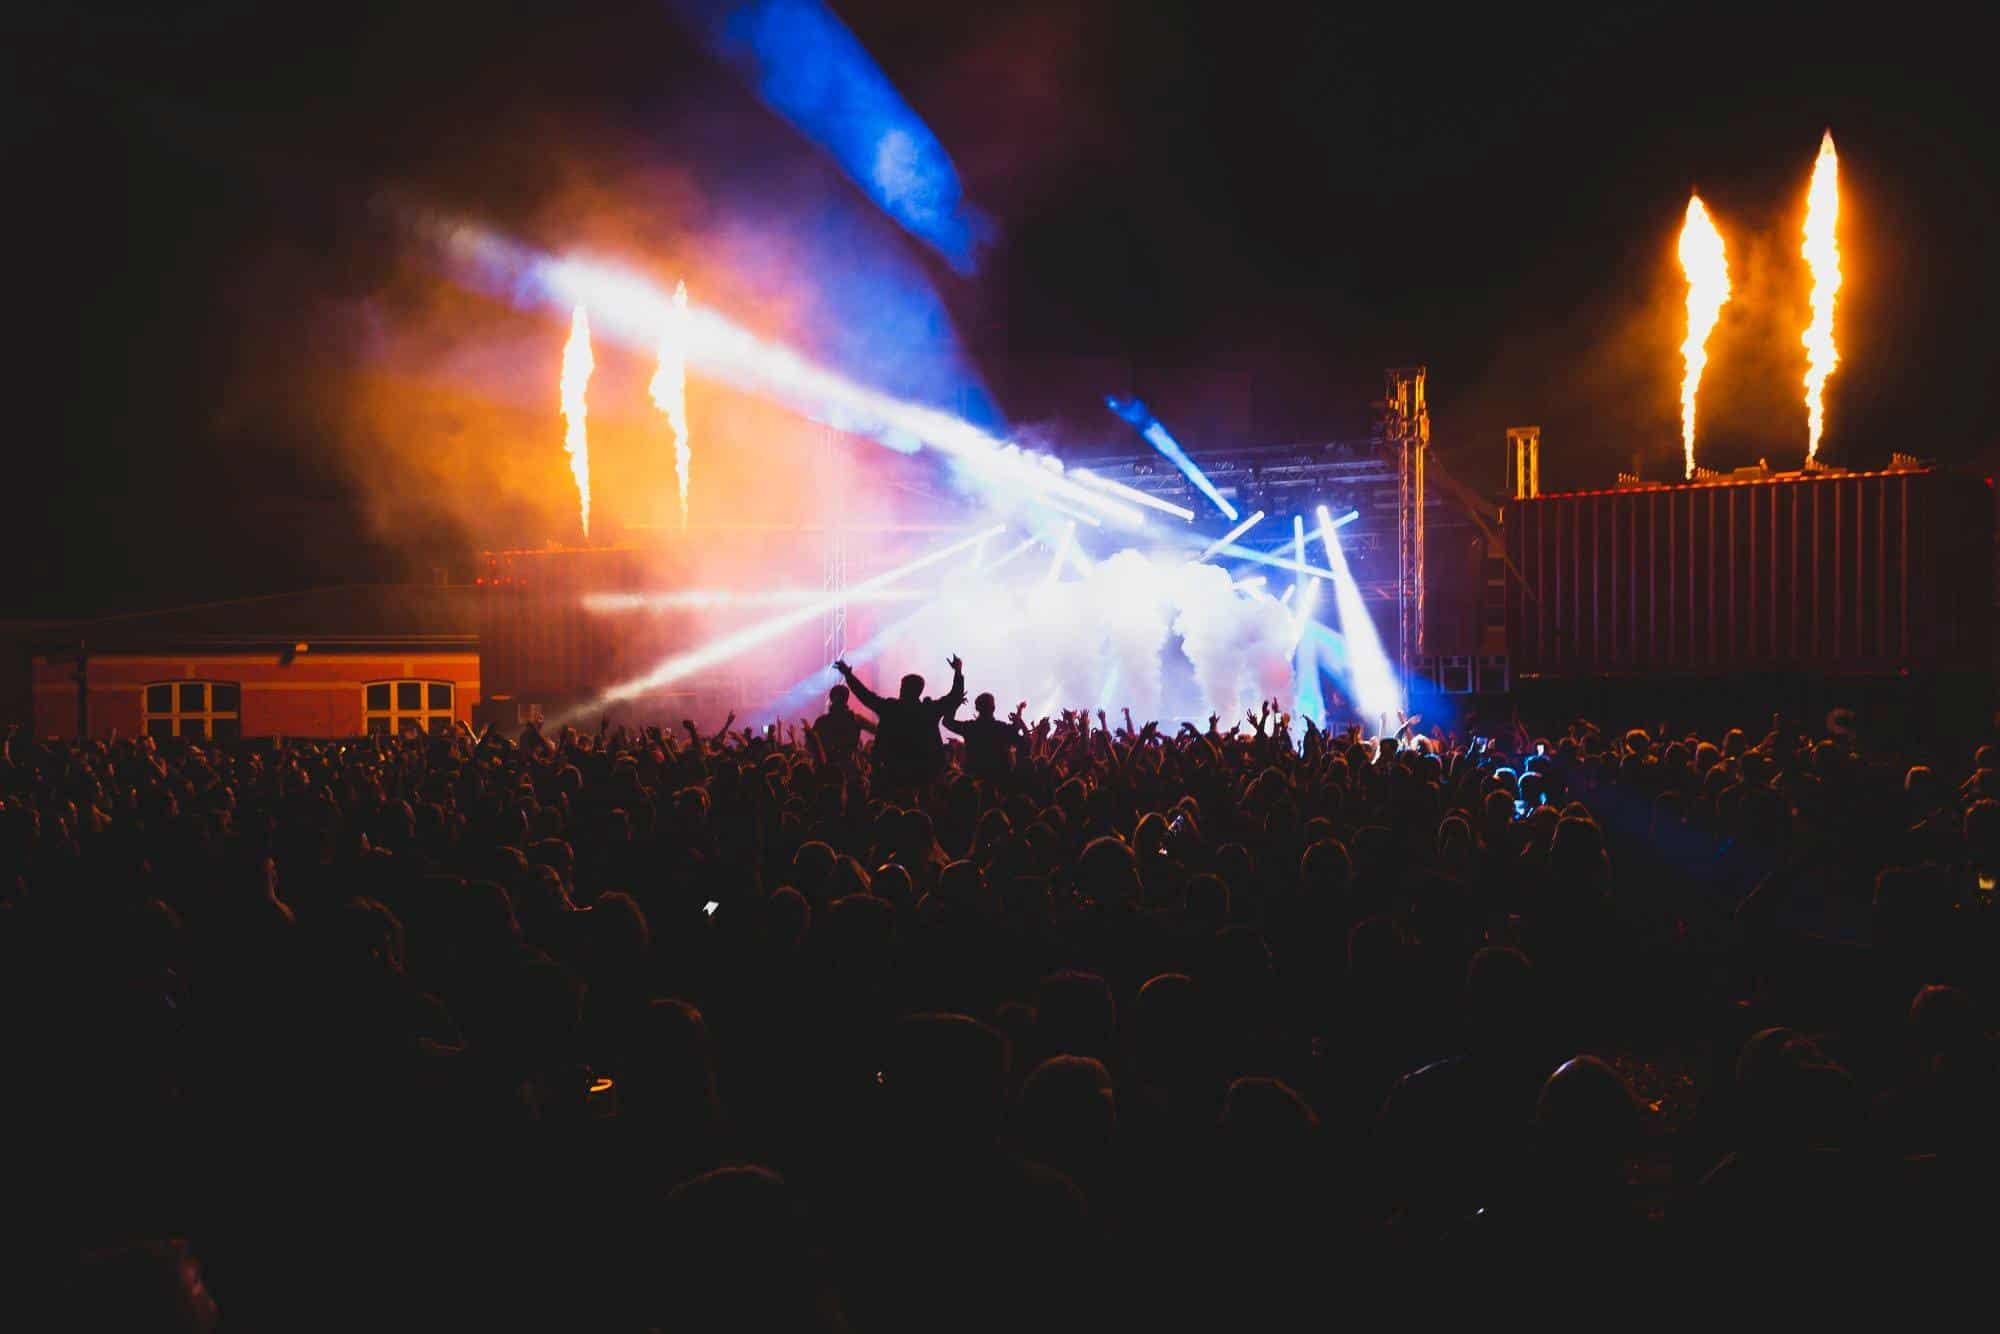 Folk der fester i orange lys og røg til Generator 2018